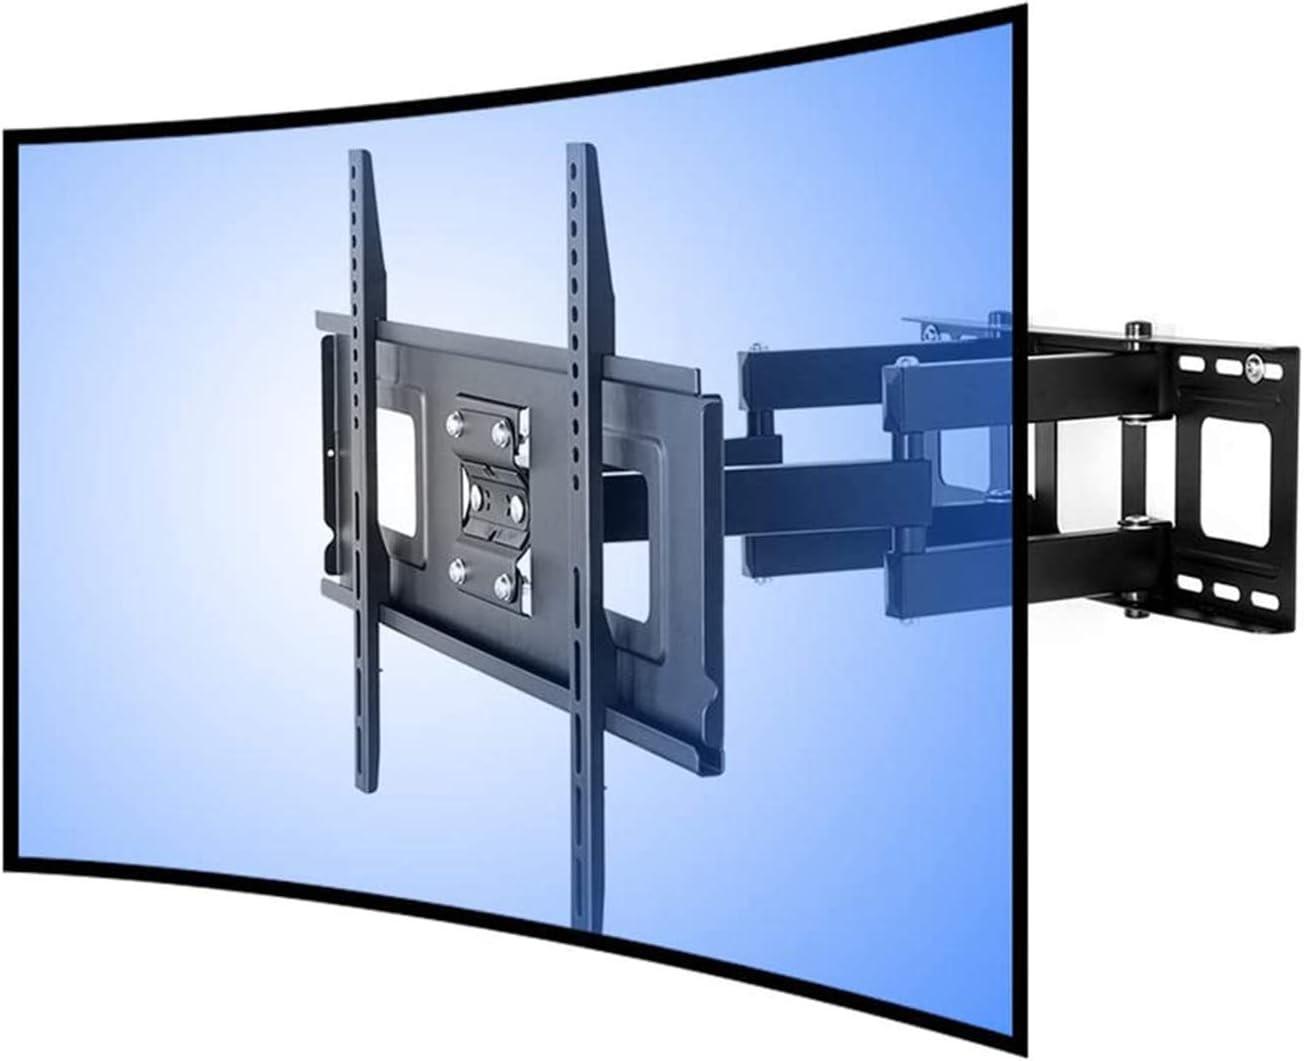 FLEXIMOUNTS CR1 Soporte de Pared para TV Curvo cuadra a televisor UHD OLED 4k Samsung LG Vizio etc de 32